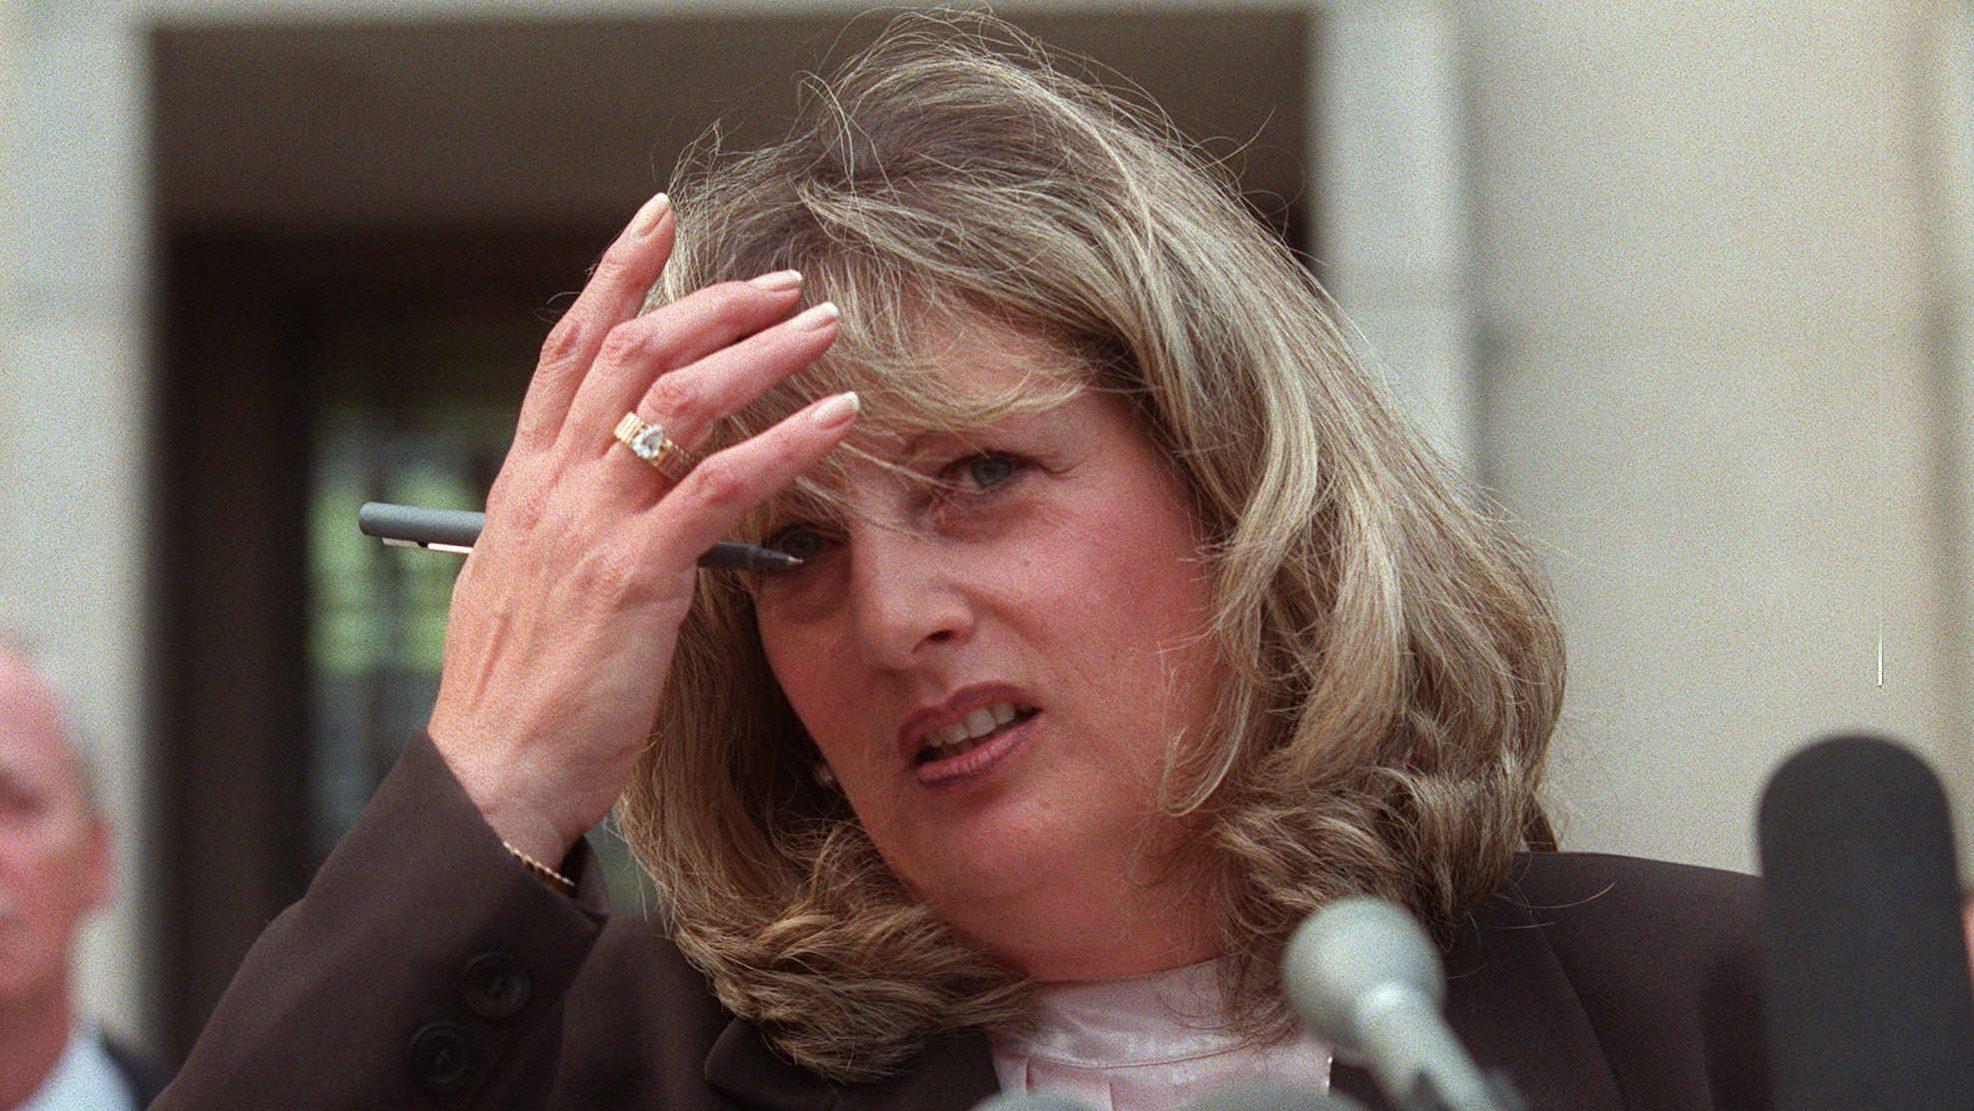 Linda Tripp